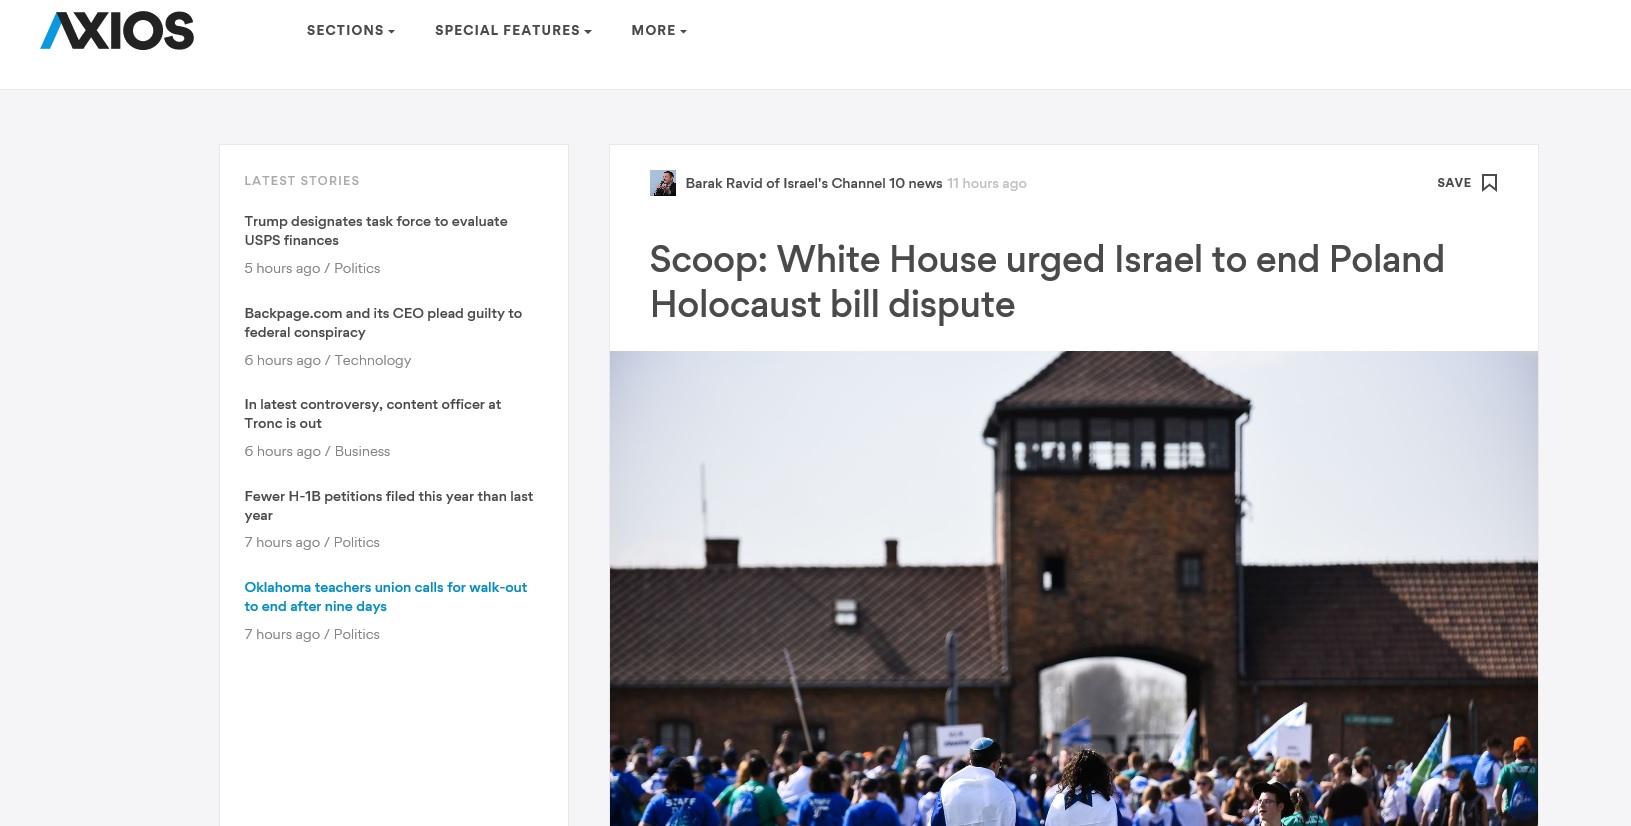 Axios.com: Biały Dom wzywał Izrael do zakończenia sporu z Polską